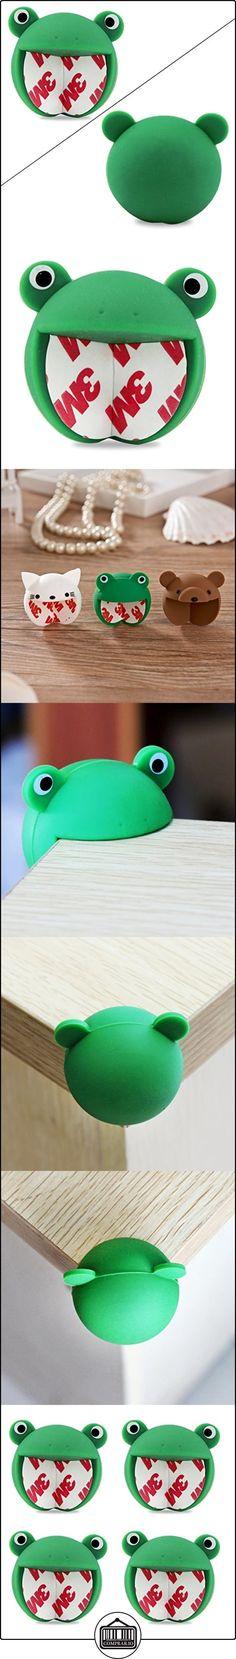 Protectores de la esquina bebé hijo seguro silicona tabla Protector Corner protección de borde de la cubierta de la rana verde paquete de 4  ✿ Seguridad para tu bebé - (Protege a tus hijos) ✿ ▬► Ver oferta: http://comprar.io/goto/B018A51A9G